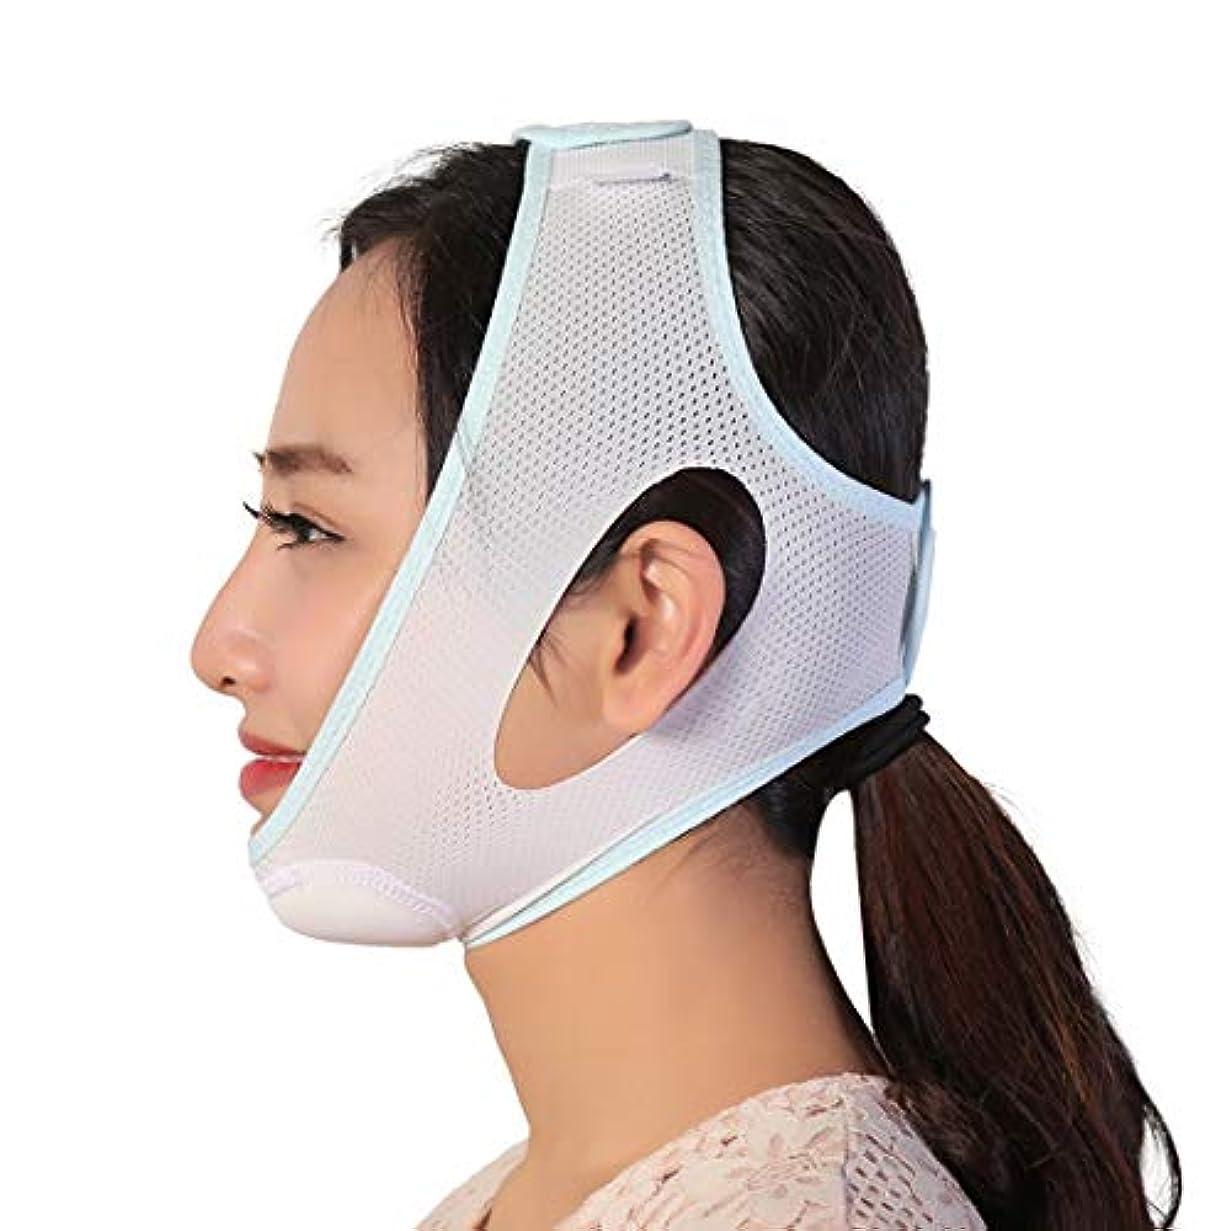 出血ラッドヤードキップリング滑るZWBD フェイスマスク, 顔を持ち上げる包帯マスク包帯小v顔整形マスクフェイスリフトステッカーに法線二重あご線術後矯正ベルト (Size : L)